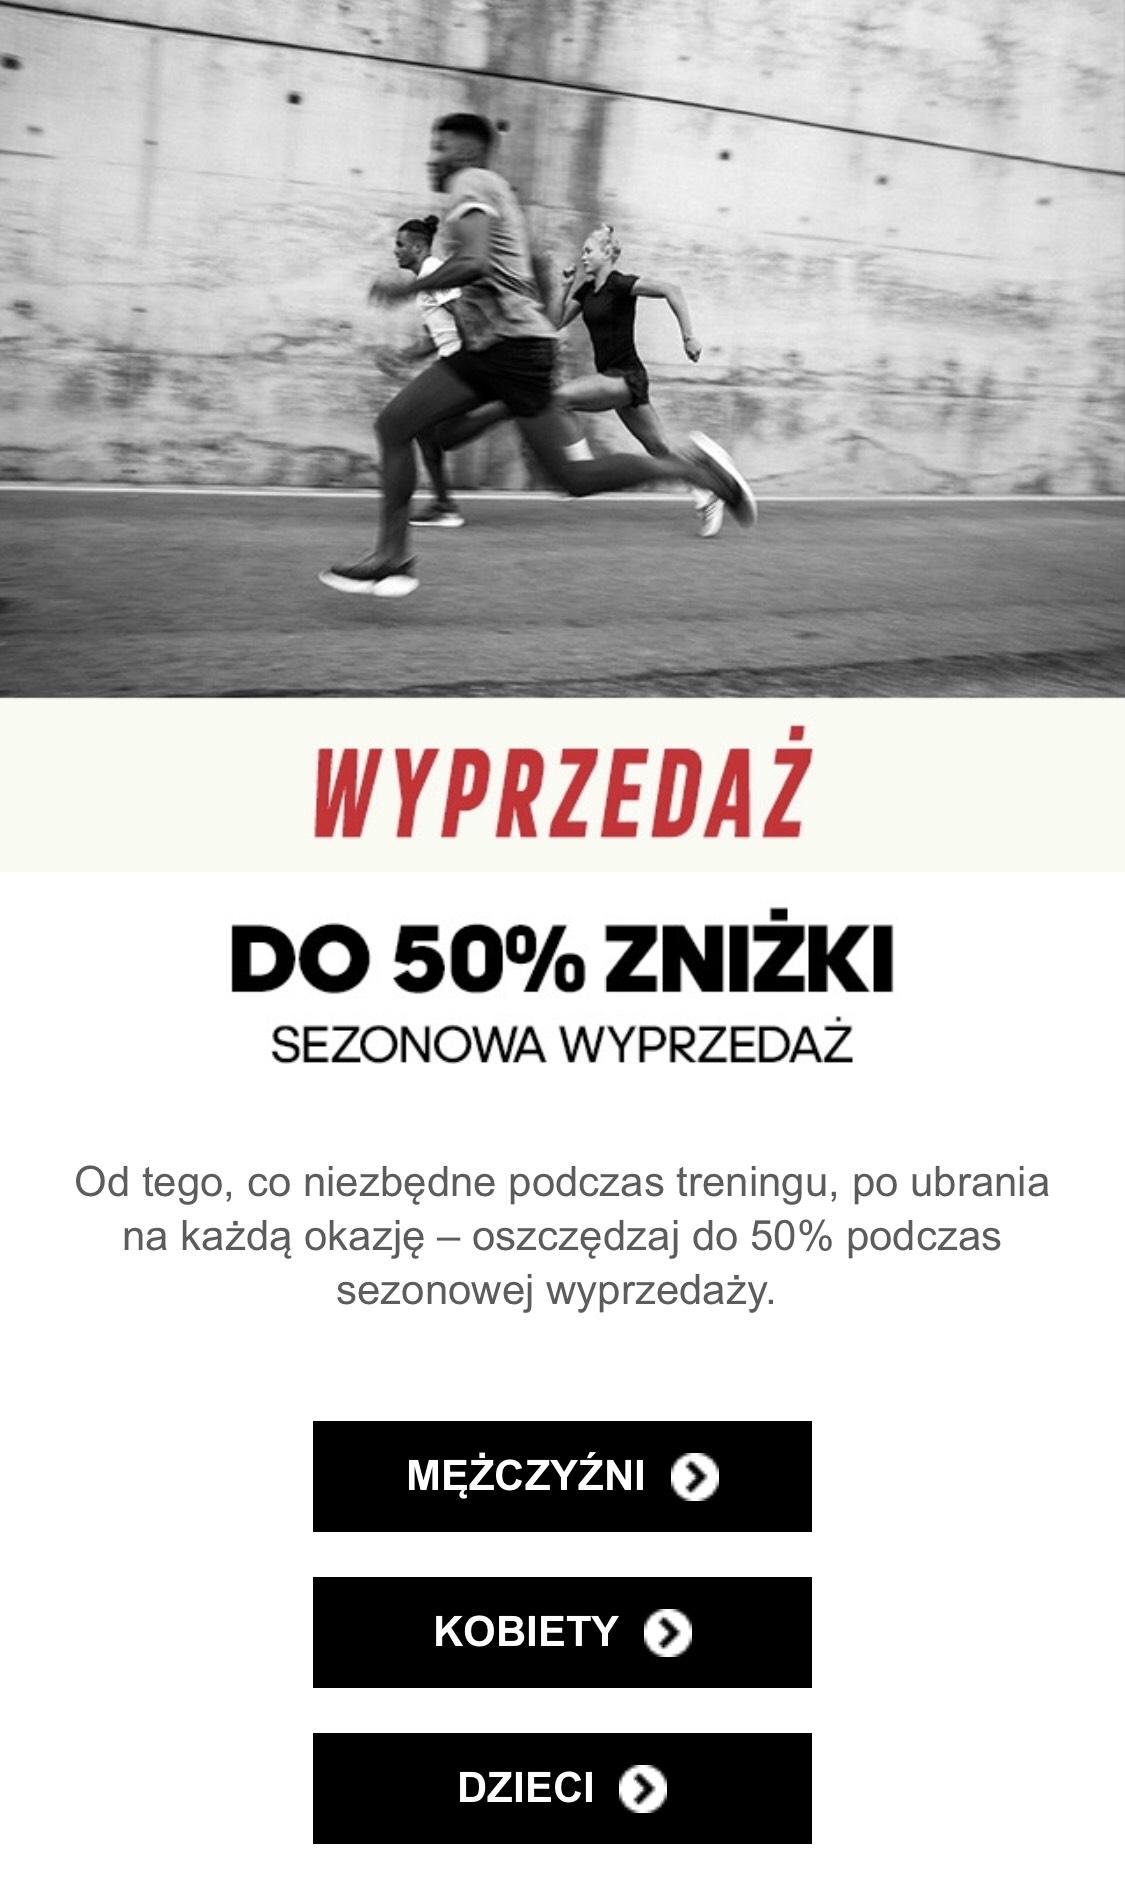 Adidas - sezonowa wyprzedaż do 50%